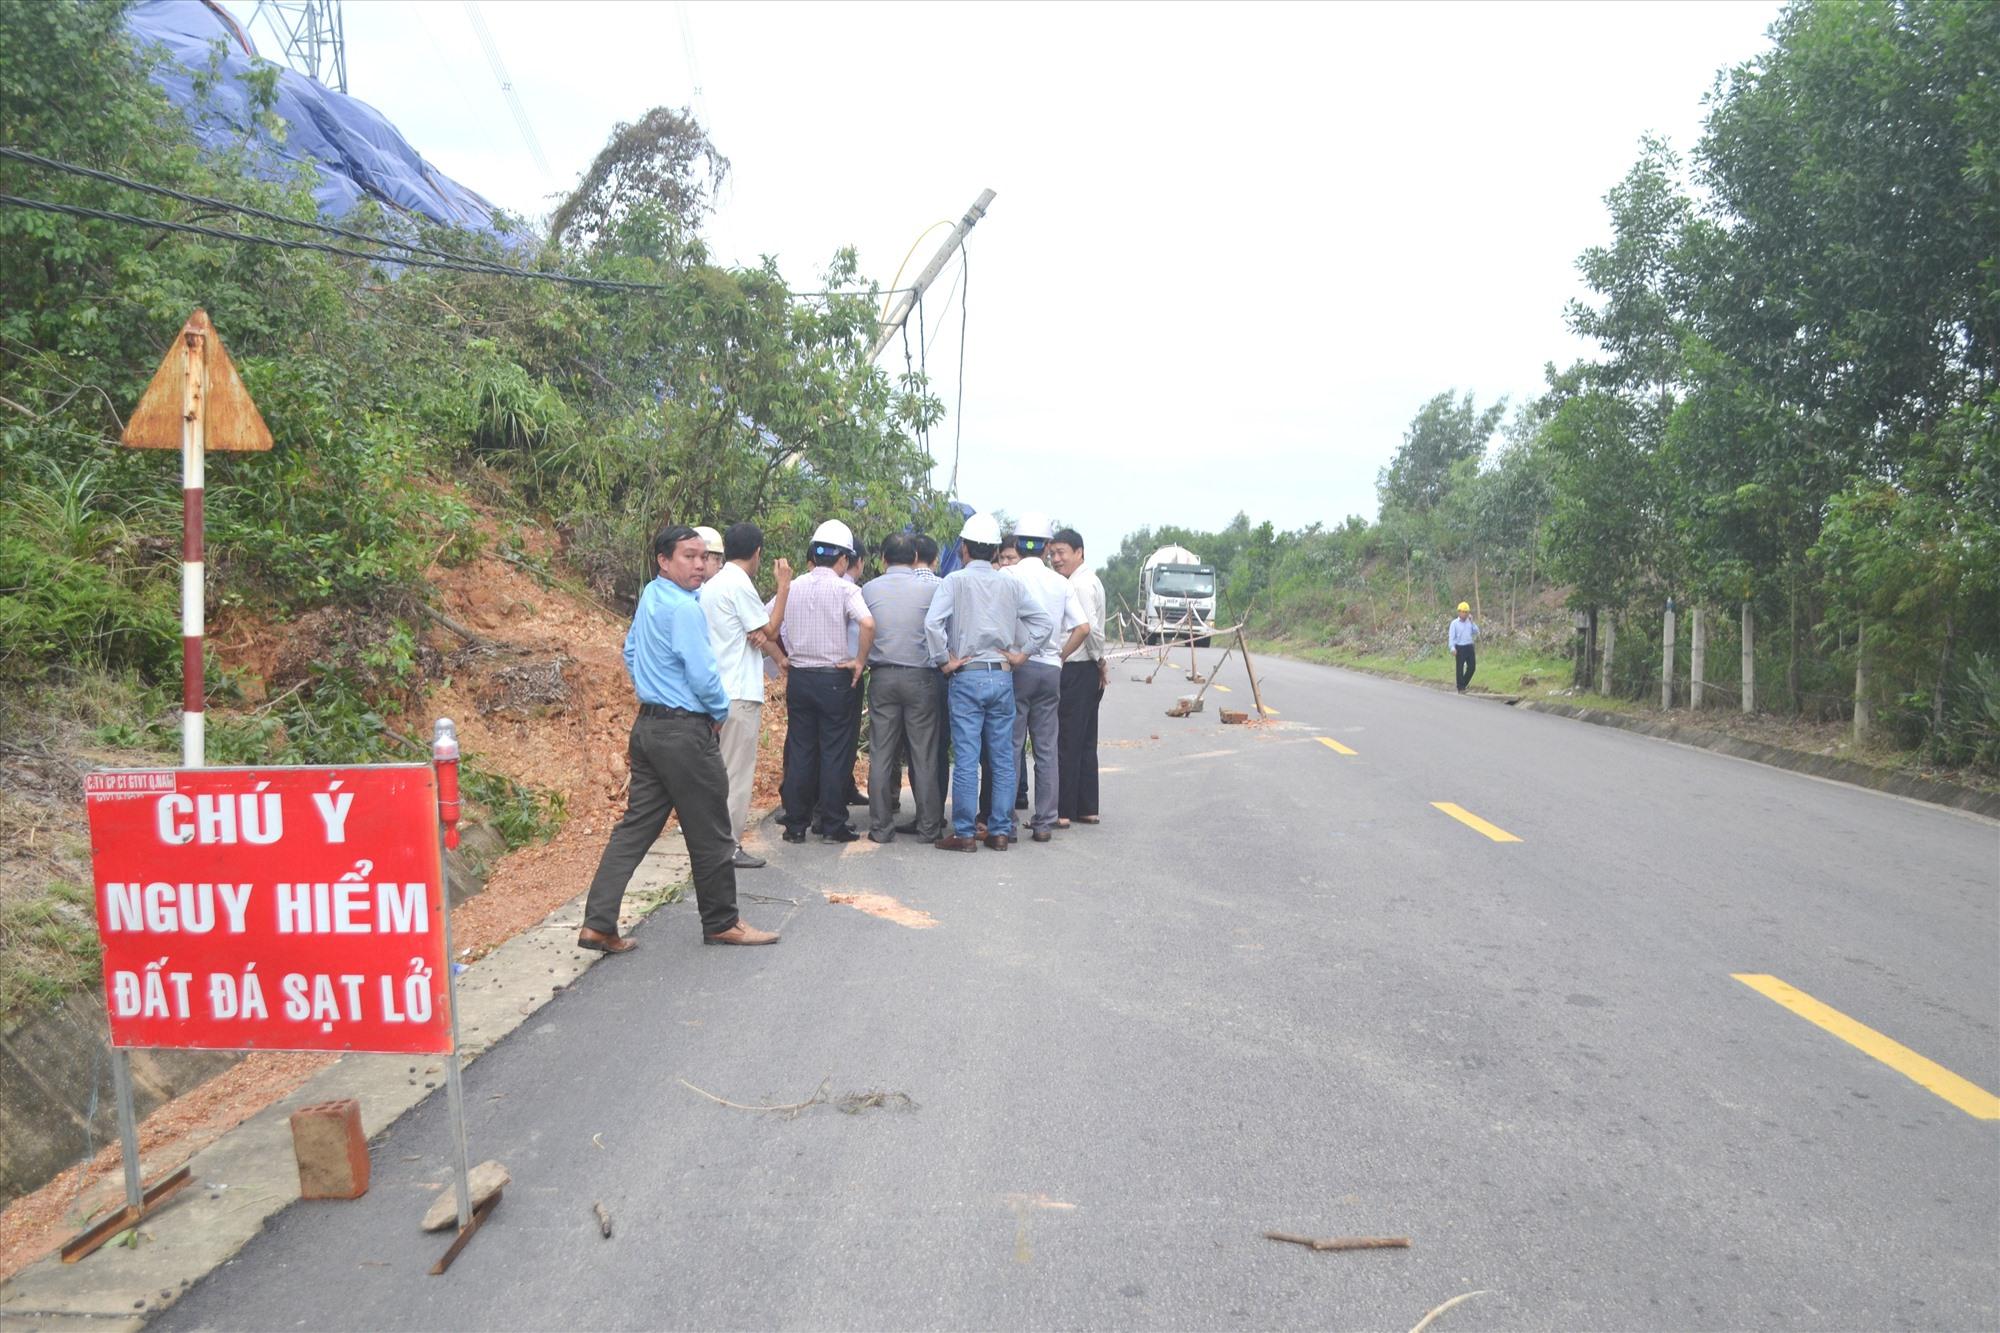 Đoàn công tác Tổng Cục đường bộ Việt Nam kiểm tra hư hỏng tường chắn tại lý trình km44+900, tuyến QL14B. Ảnh: CT